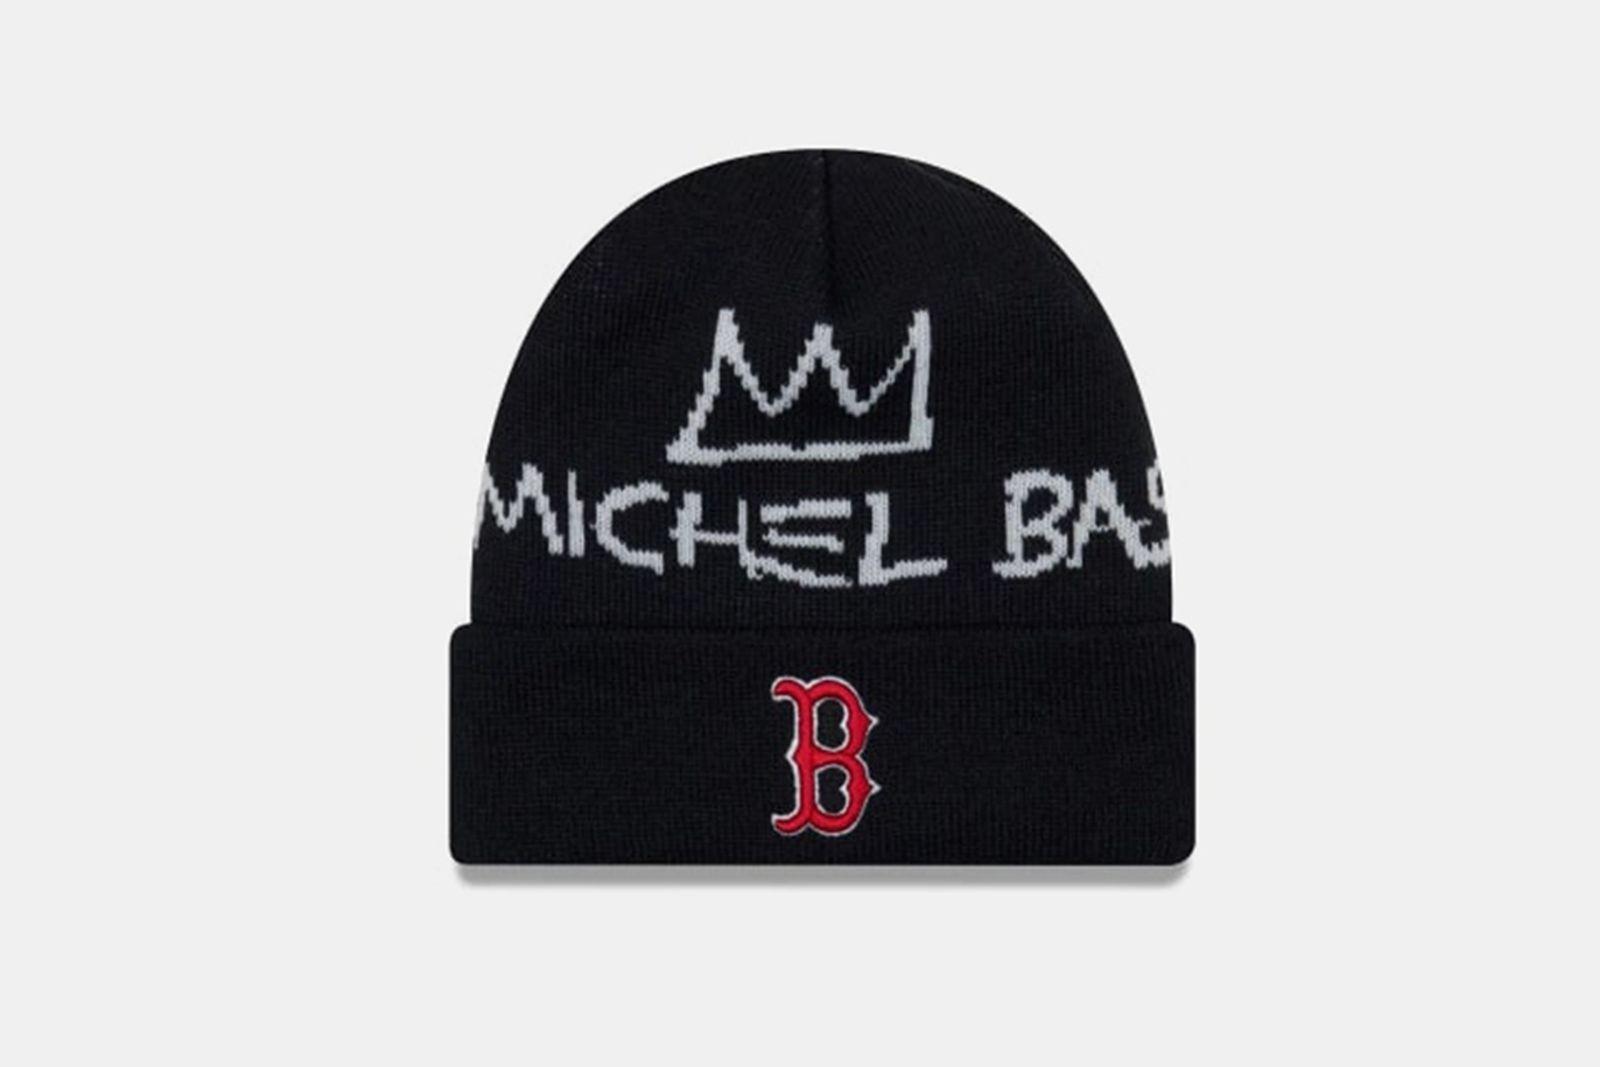 jean michel basquiat new era mlb headwear